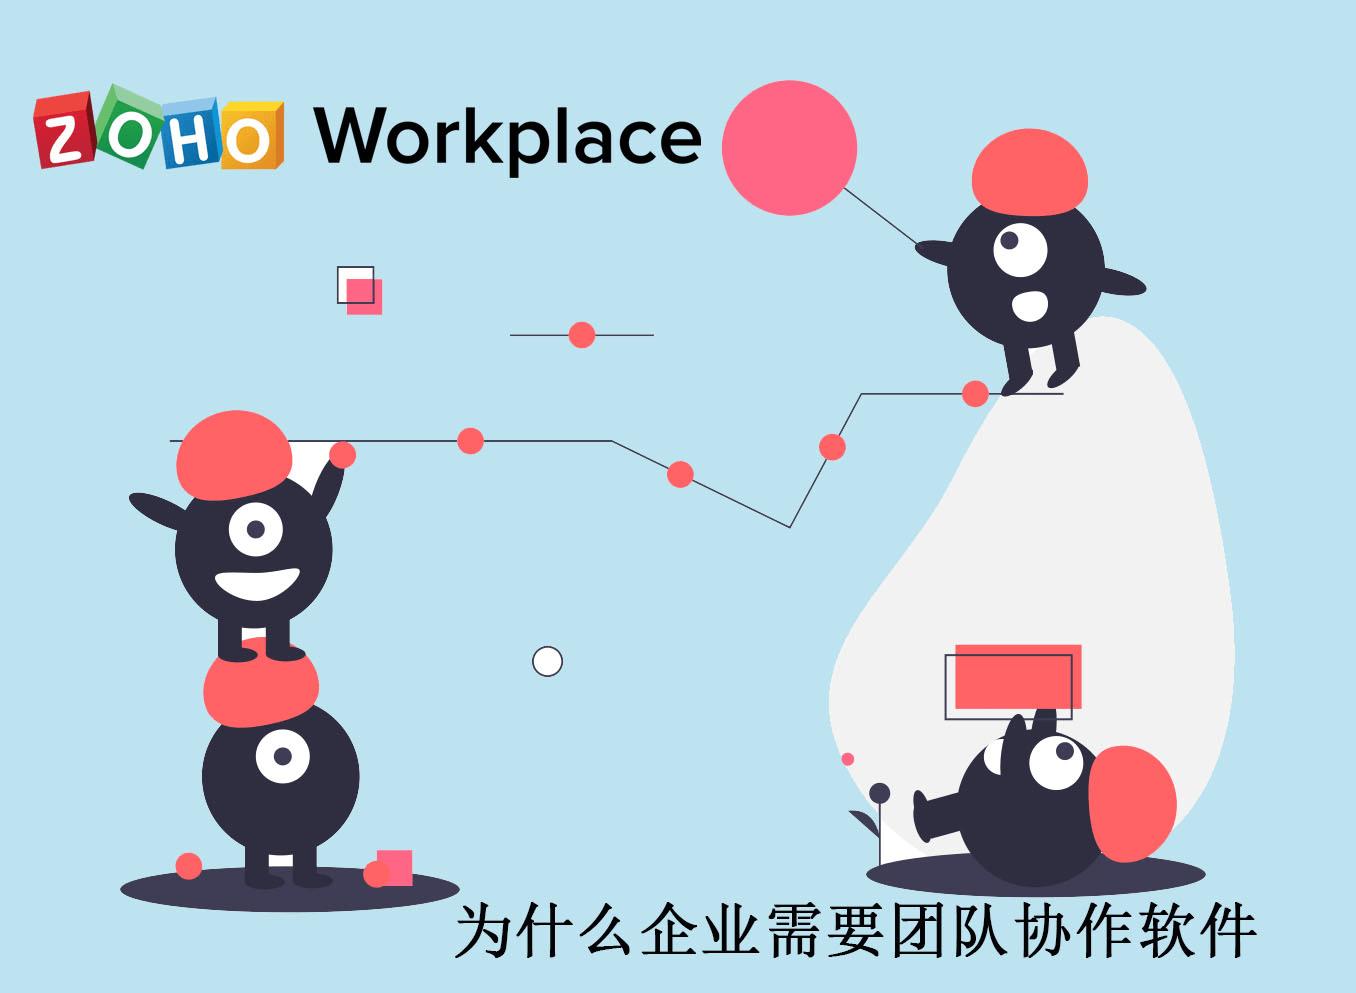 企业如何实现高效的协同办公?